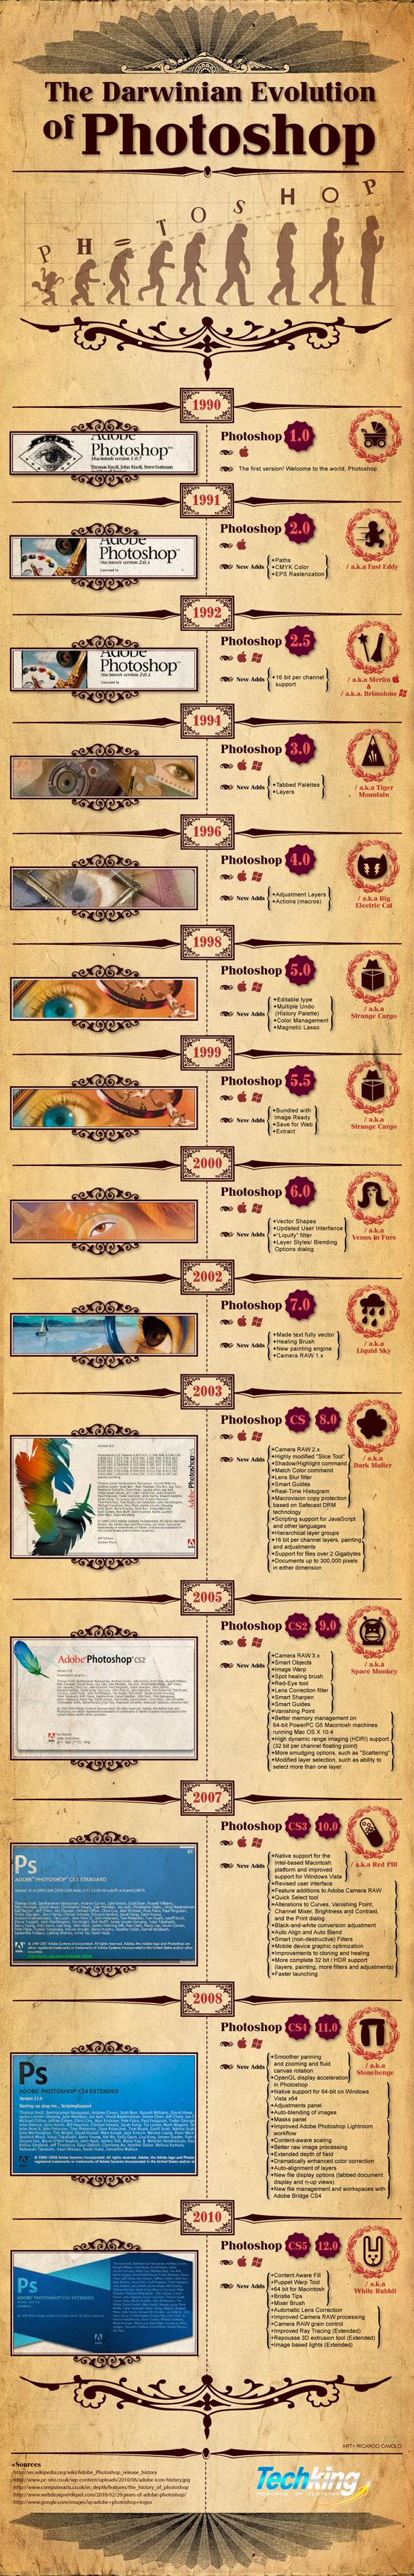 Teoría de la evolución Darwiniana de Photoshop